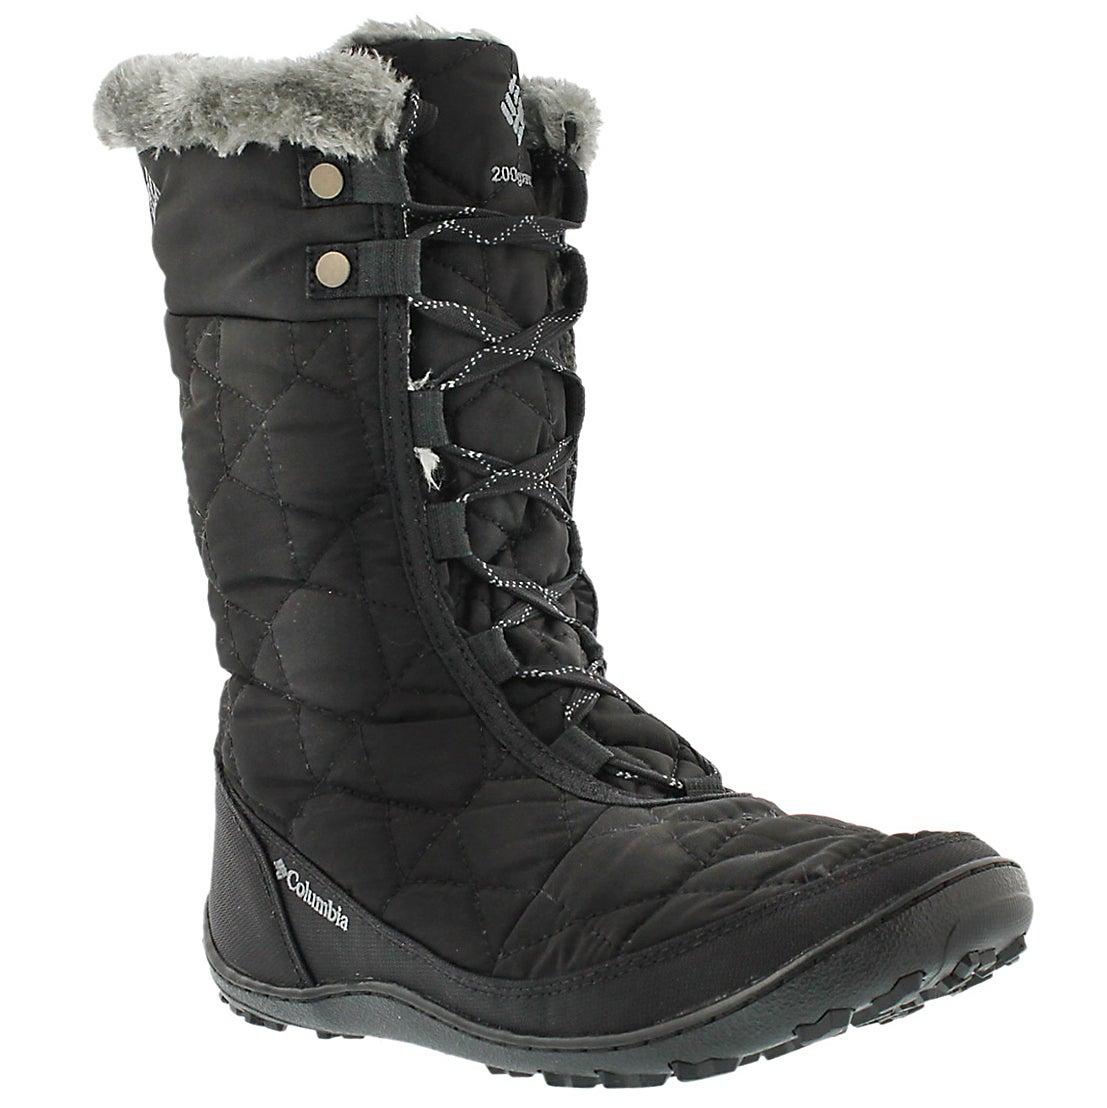 Columbia-Women-039-s-Minx-Mid-II-Omni-Heat-Waterproof-Winter-Boot